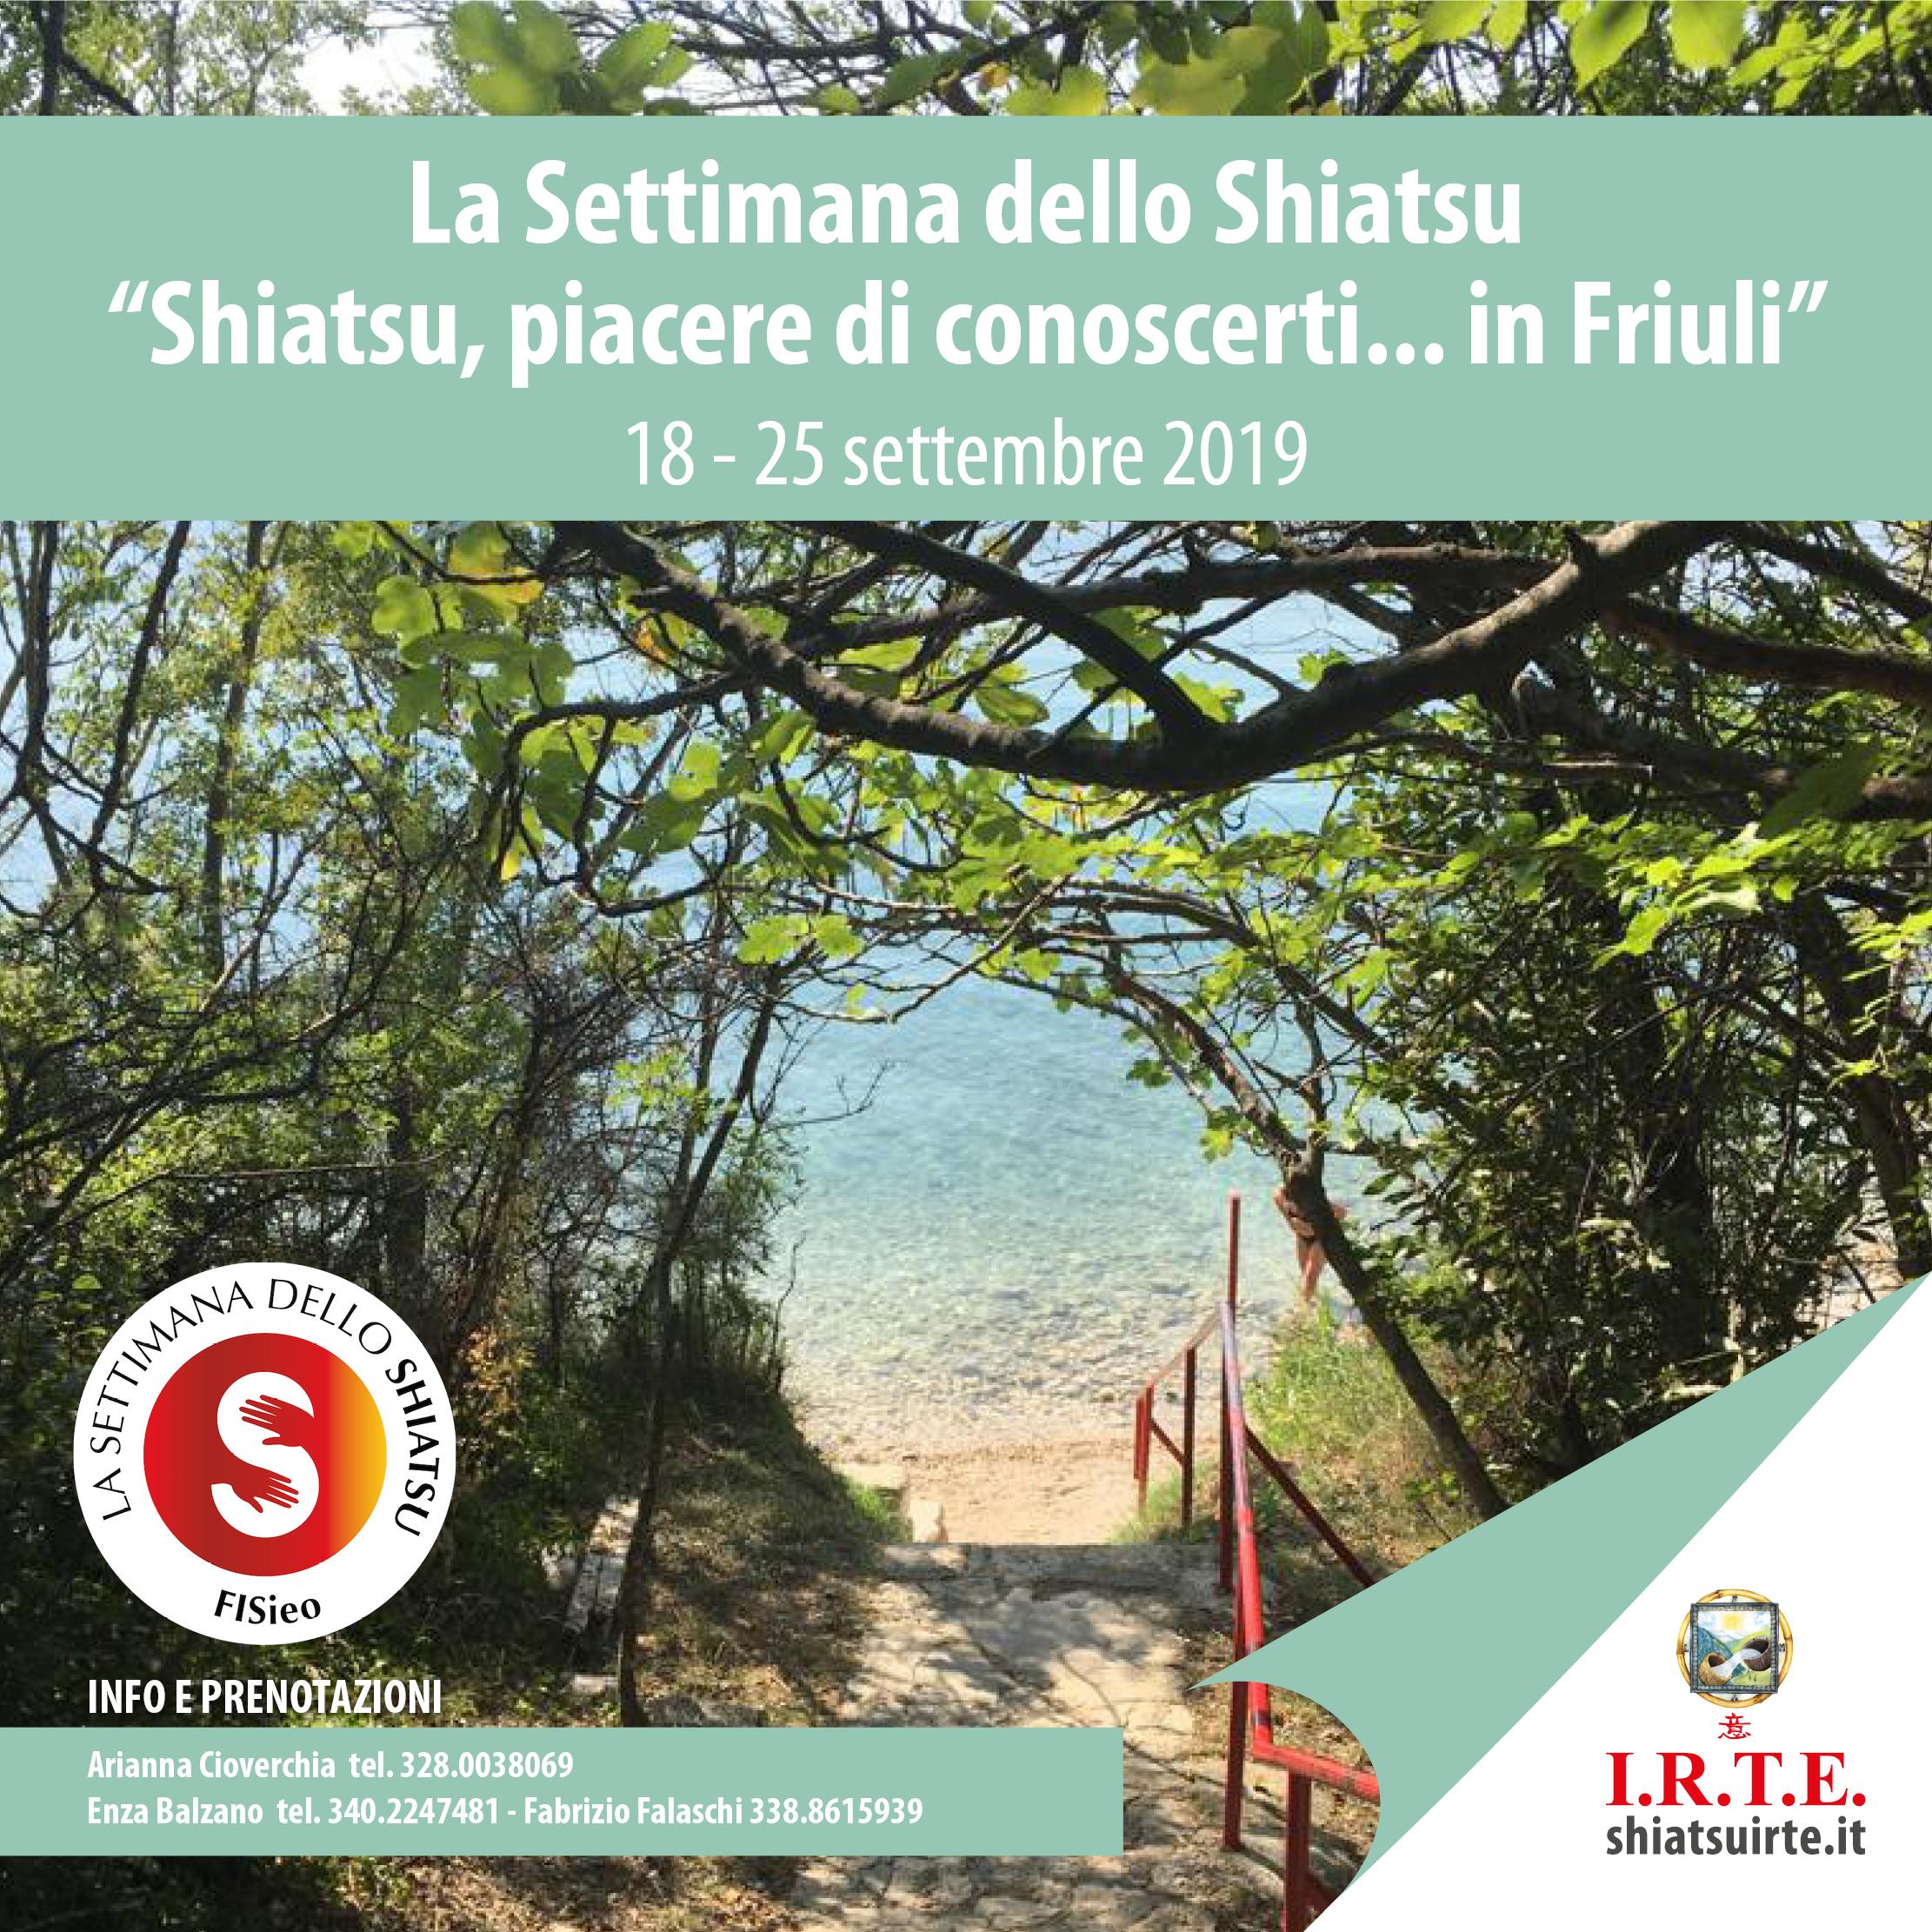 18 - 25 settembre 2019: gli appuntamenti della Settimana dello Shiatsu in Friuli